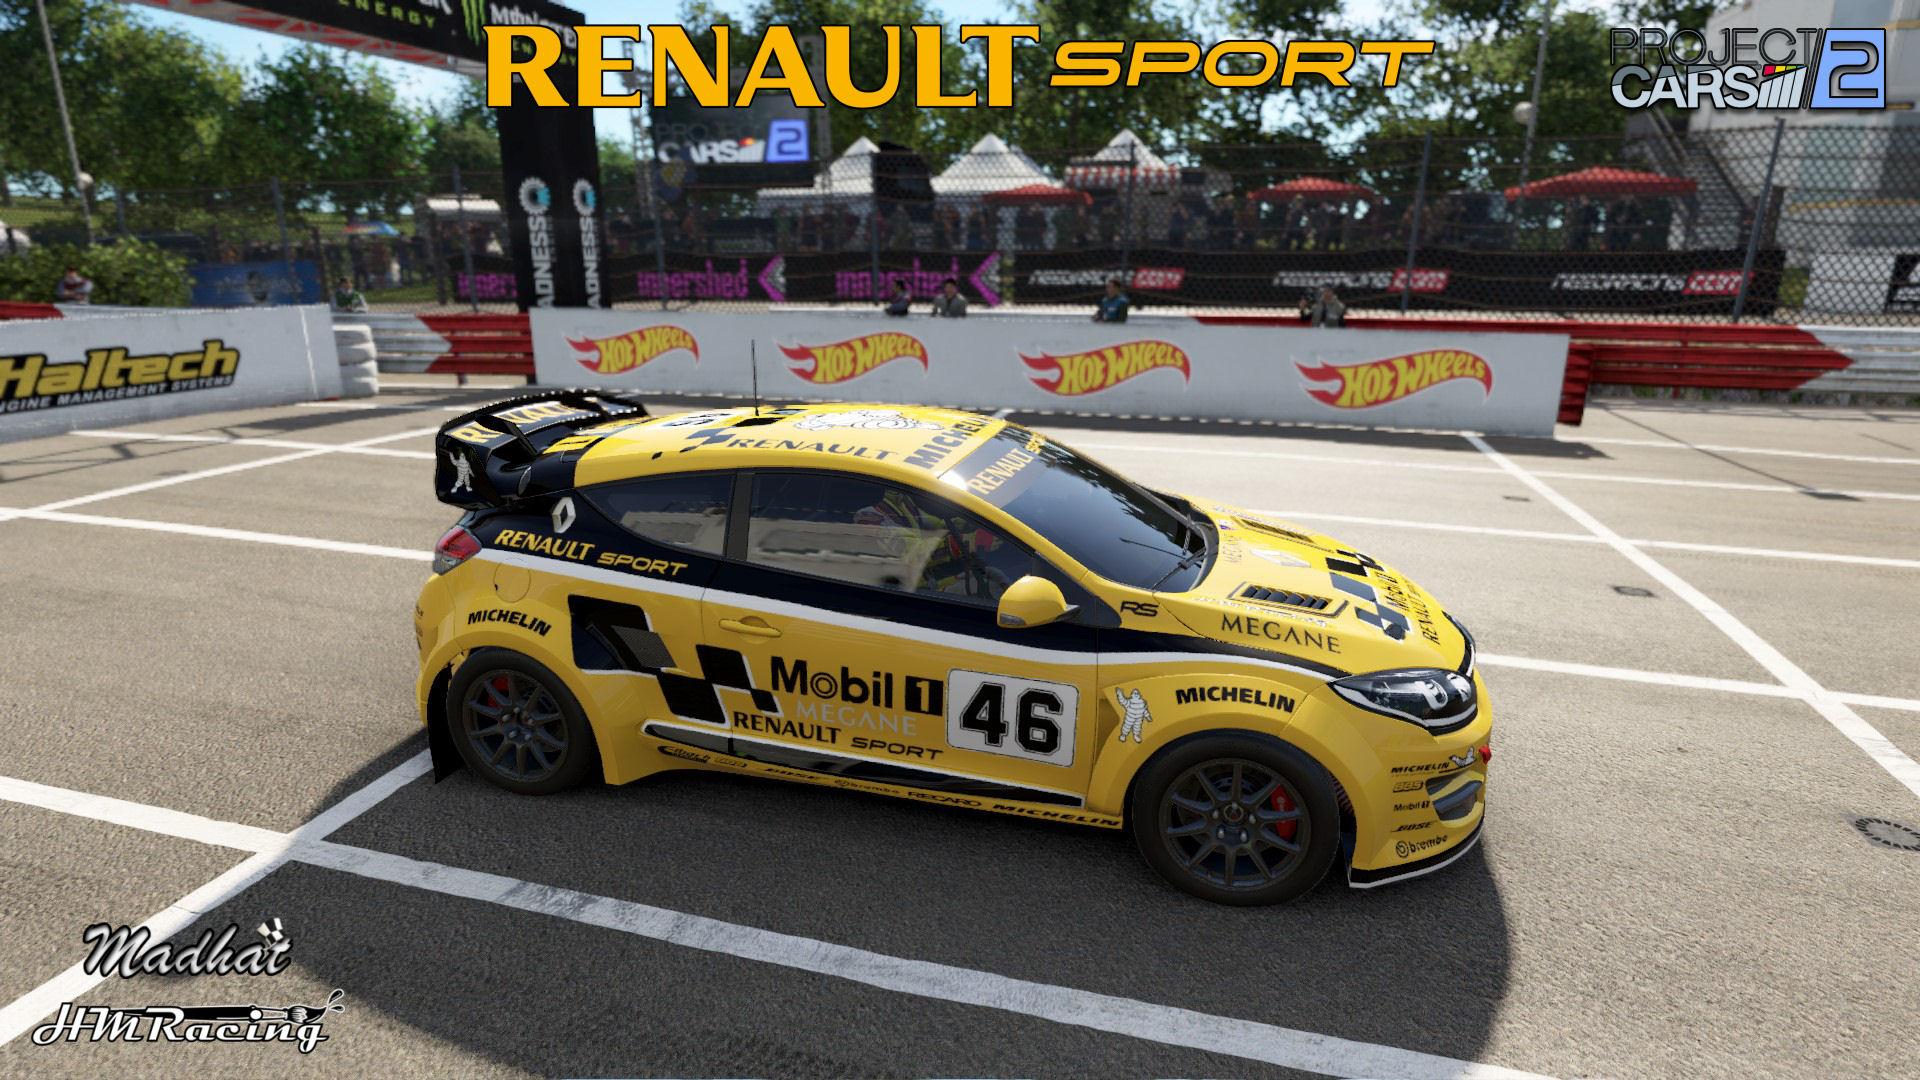 RS Renault Megane RX v2 04.jpg